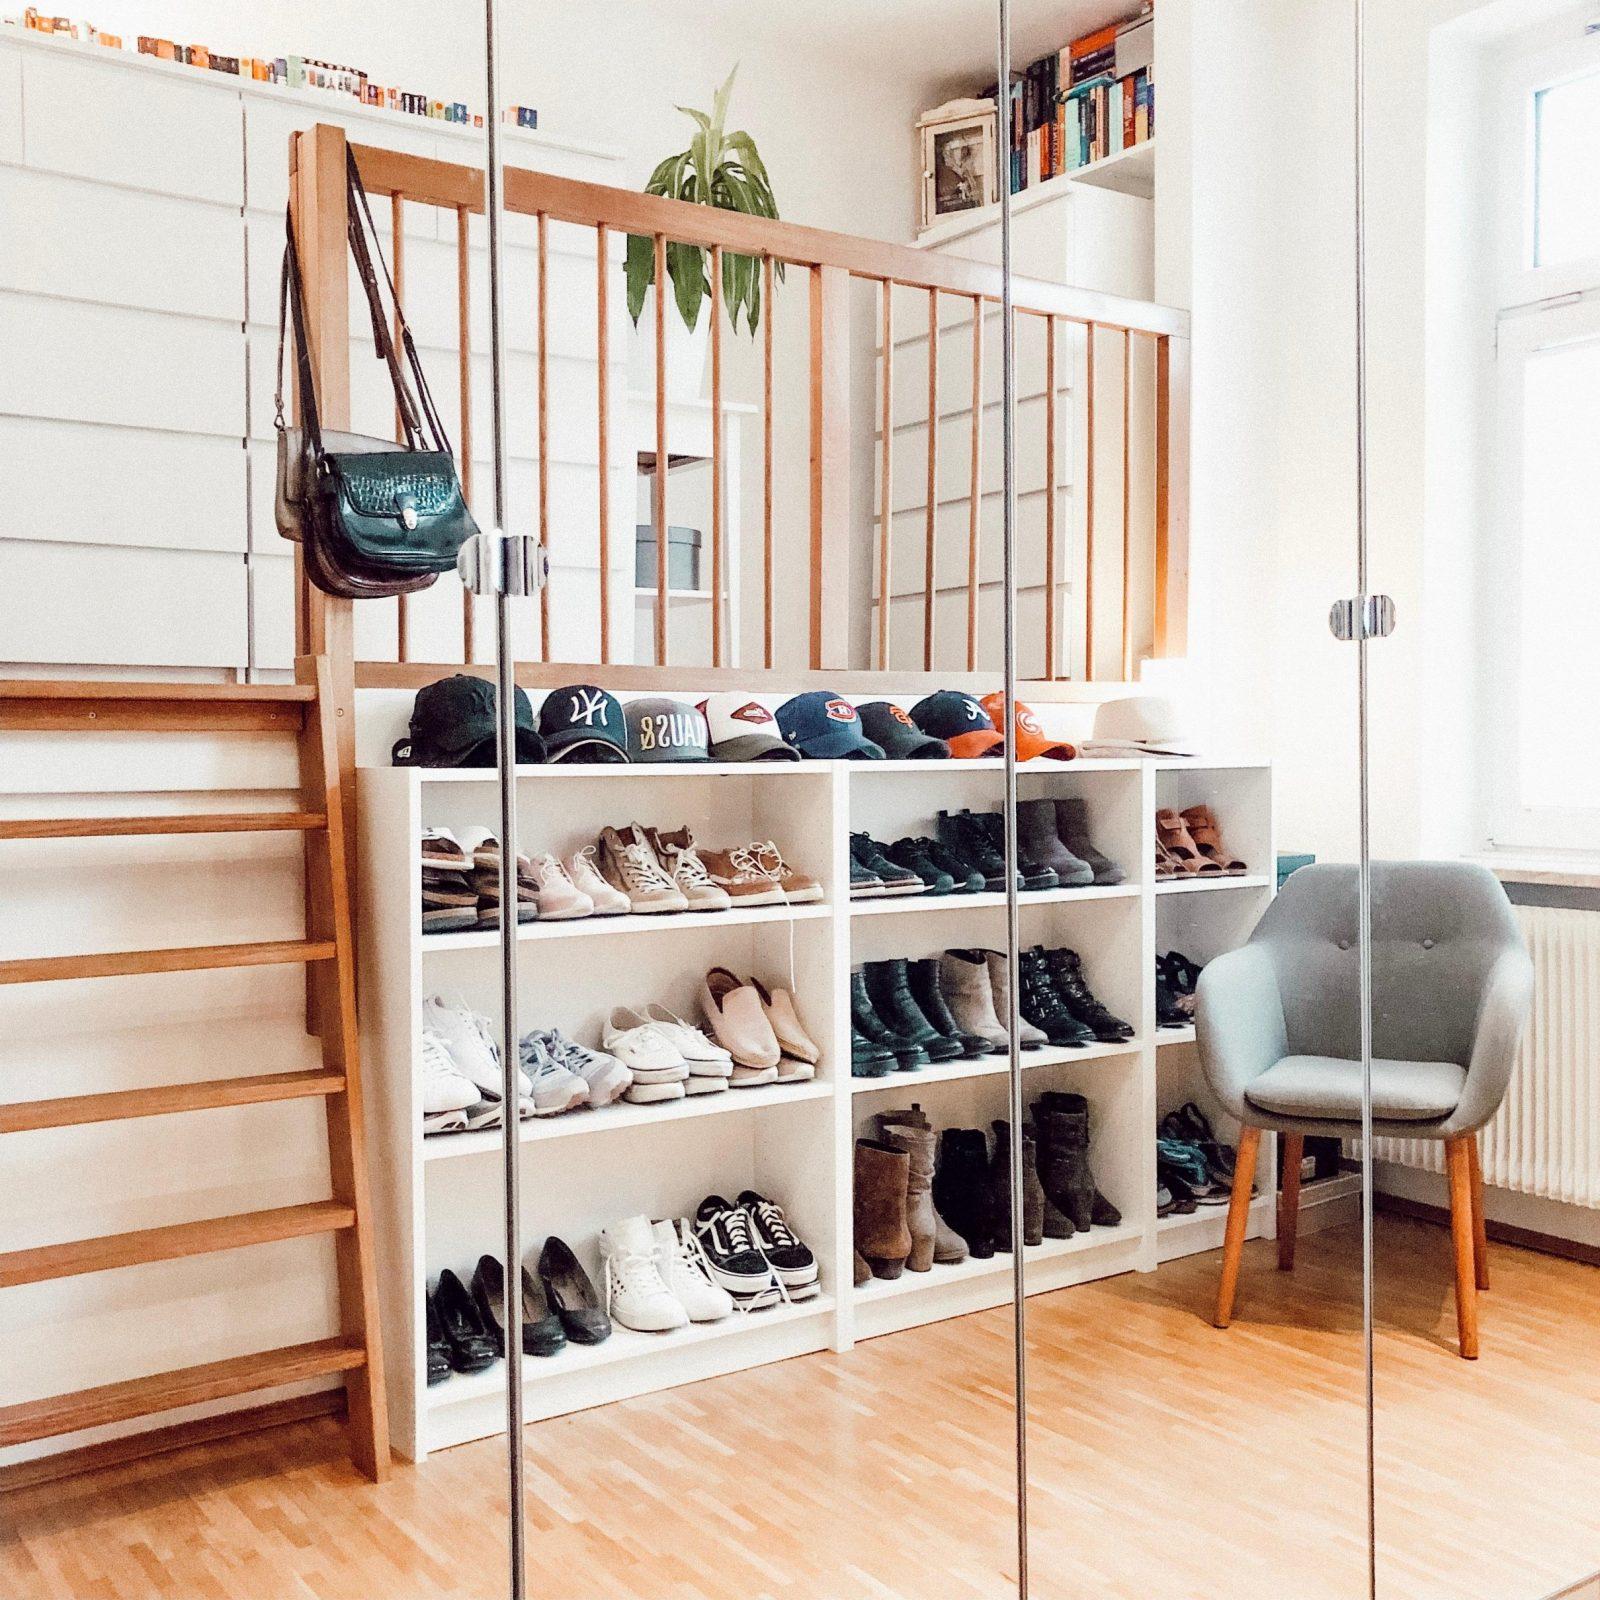 Begehbarer Kleiderschrank Ideen So Geht's von Begehbarer Kleiderschrank Selber Bauen Kosten Photo